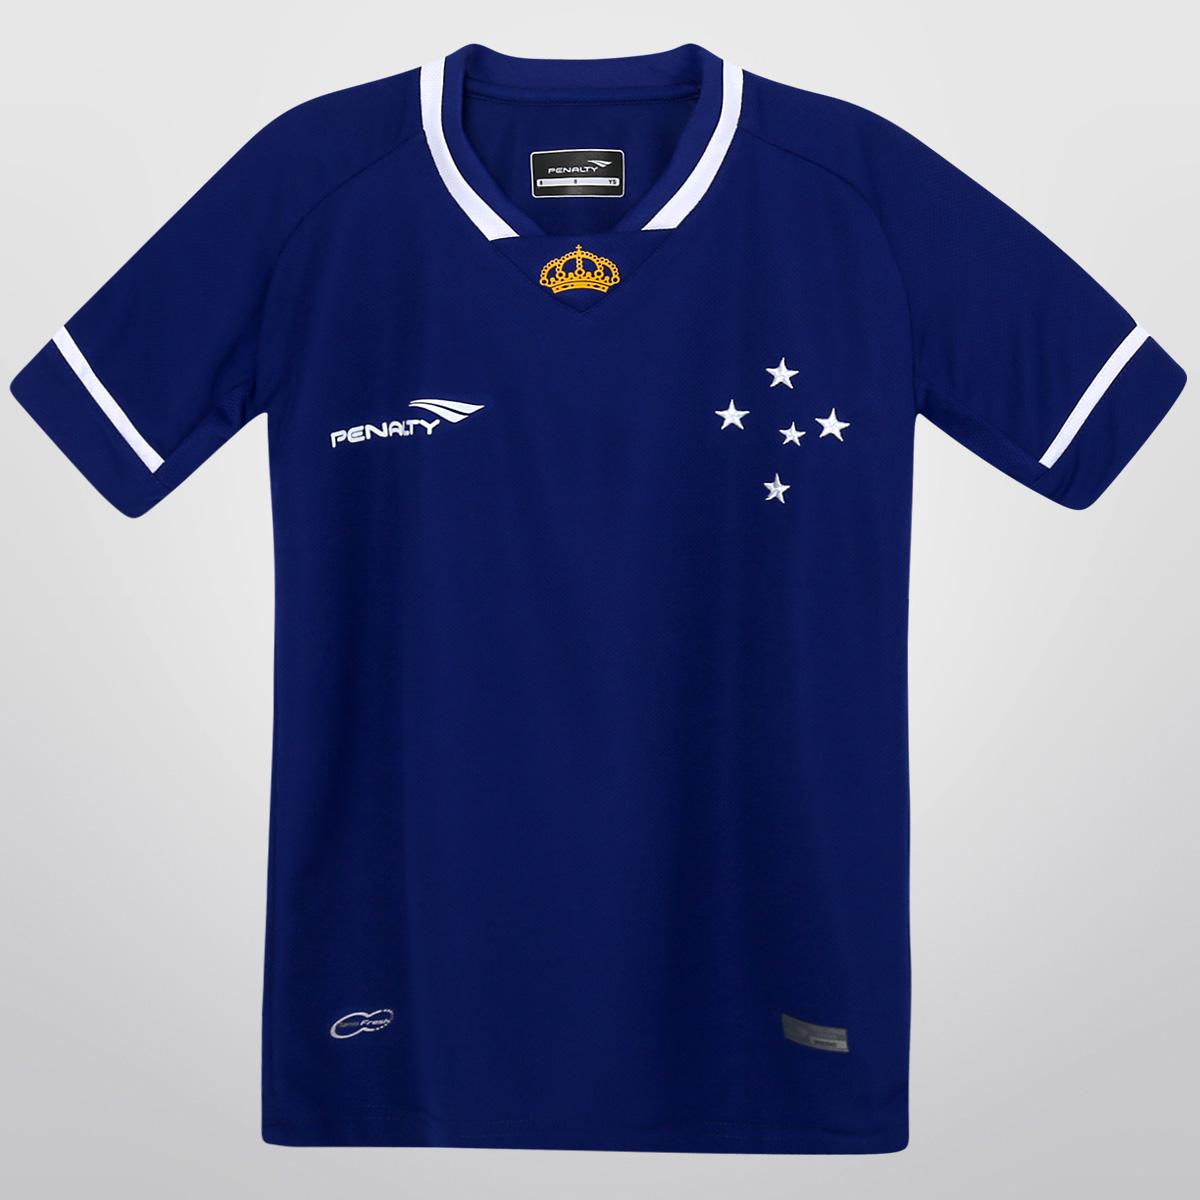 Camisa Juvenil Cruzeiro 2015 Azul - Oficial Penalty - Camarote do ... 3e5f26750a176